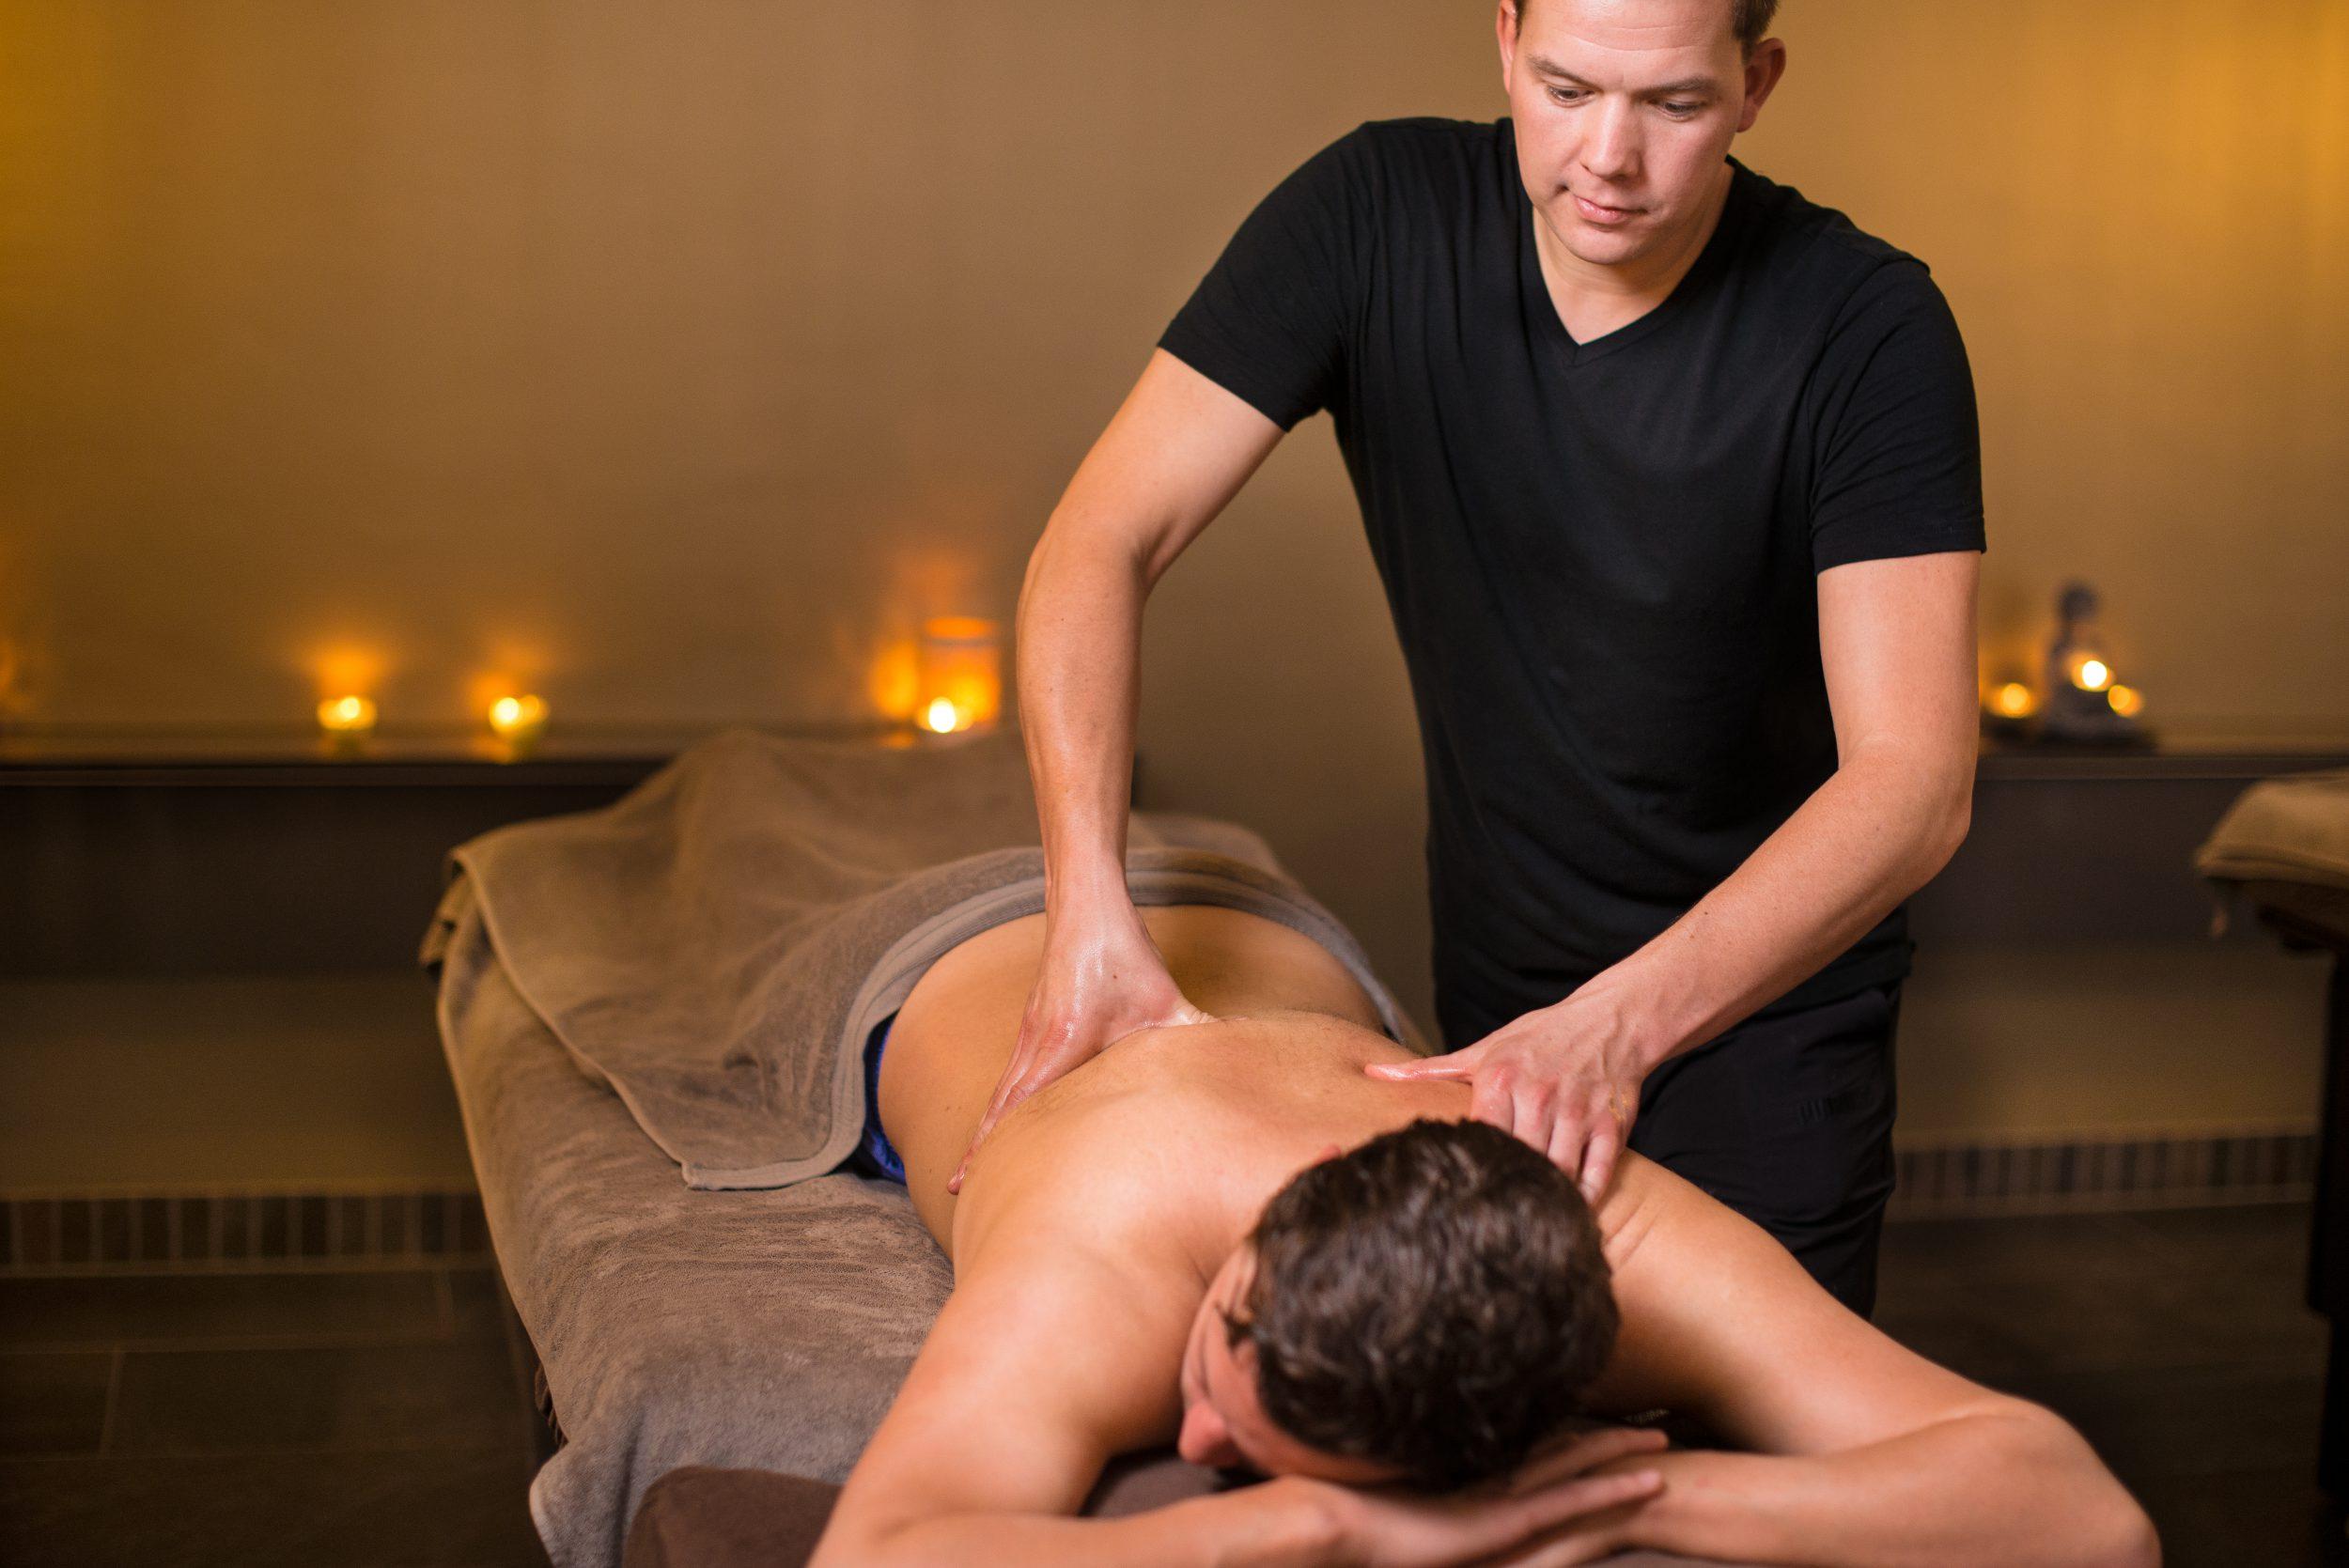 Bij Fort Resort Beemster in de spa worden verschillende massages gegeven zo ook de sportmassage. De sportmassage is een intensieve massage om de spieren los te maken. Het is prettig om regelmatig een sportmassage te ondergaan als onderhoud van het lichaam. Regelmatig mogen wij gasten verwelkomen die frequent een sportmassage reserveren en hier ook veel baat bij hebben.